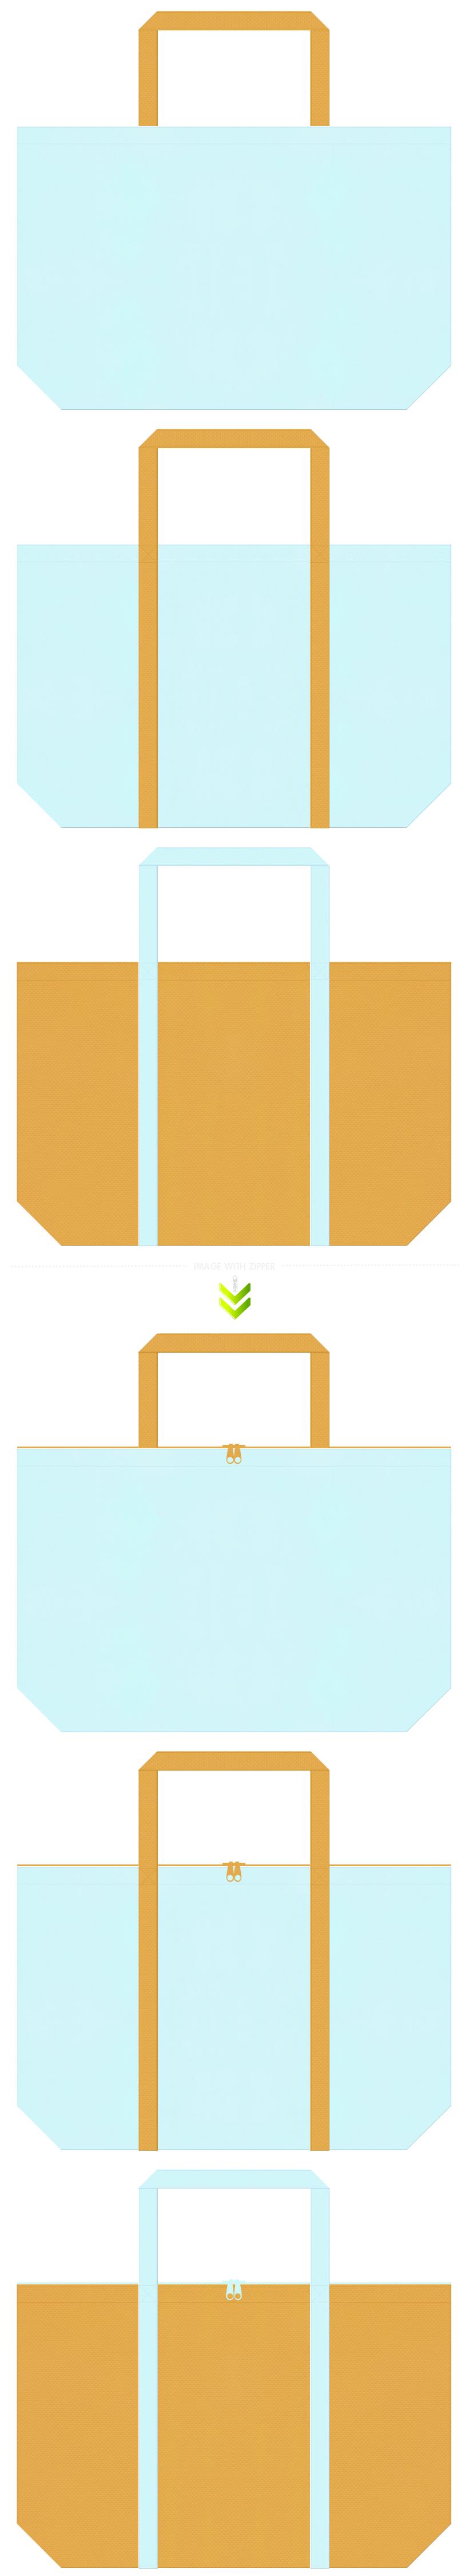 水色と黄土色の不織布エコバッグのデザイン。ガーリーなイメージにお奨めです。